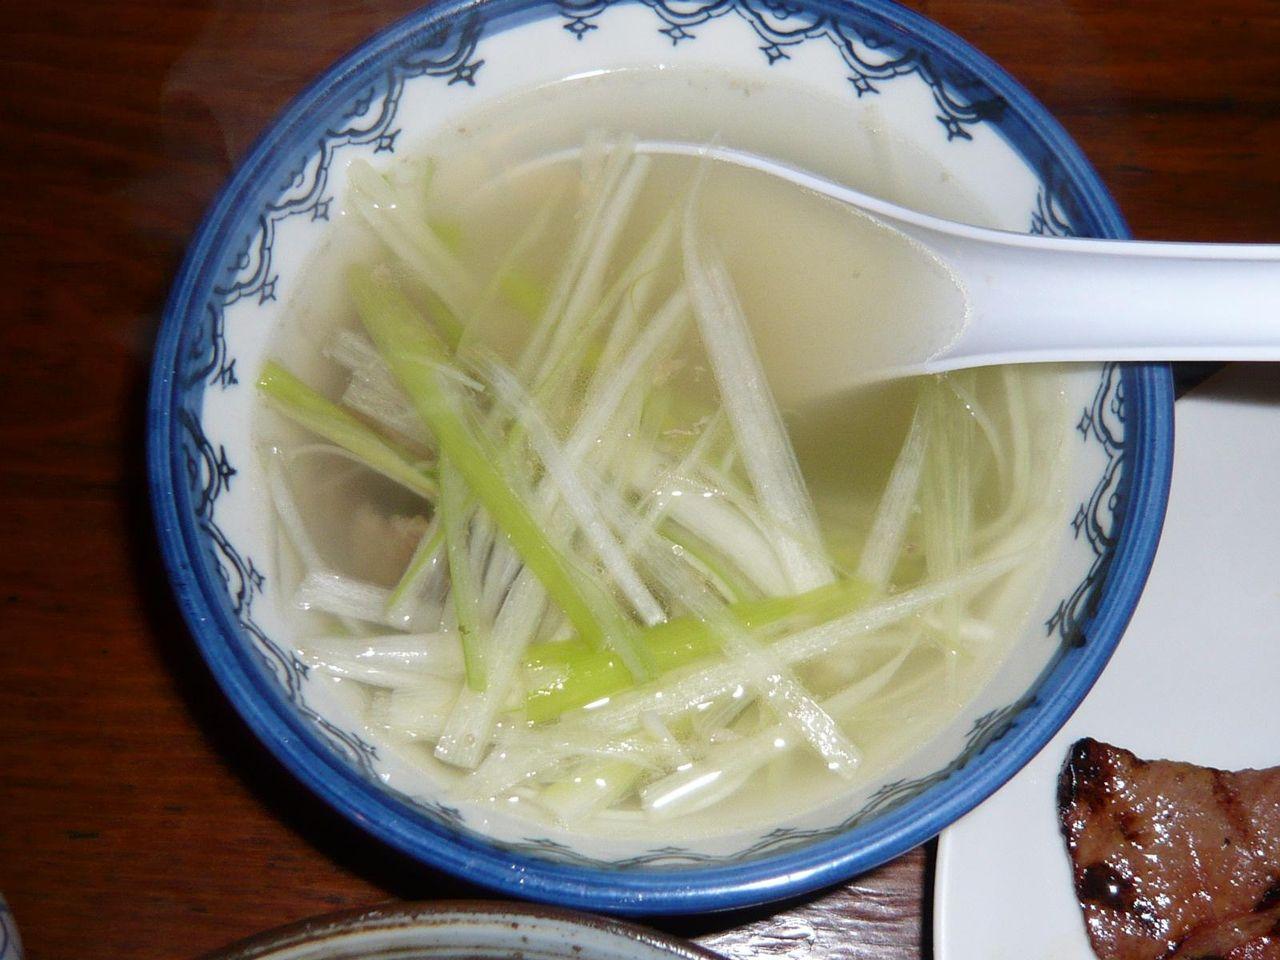 テールスープは、極薄味だけど旨味がよく出ています。